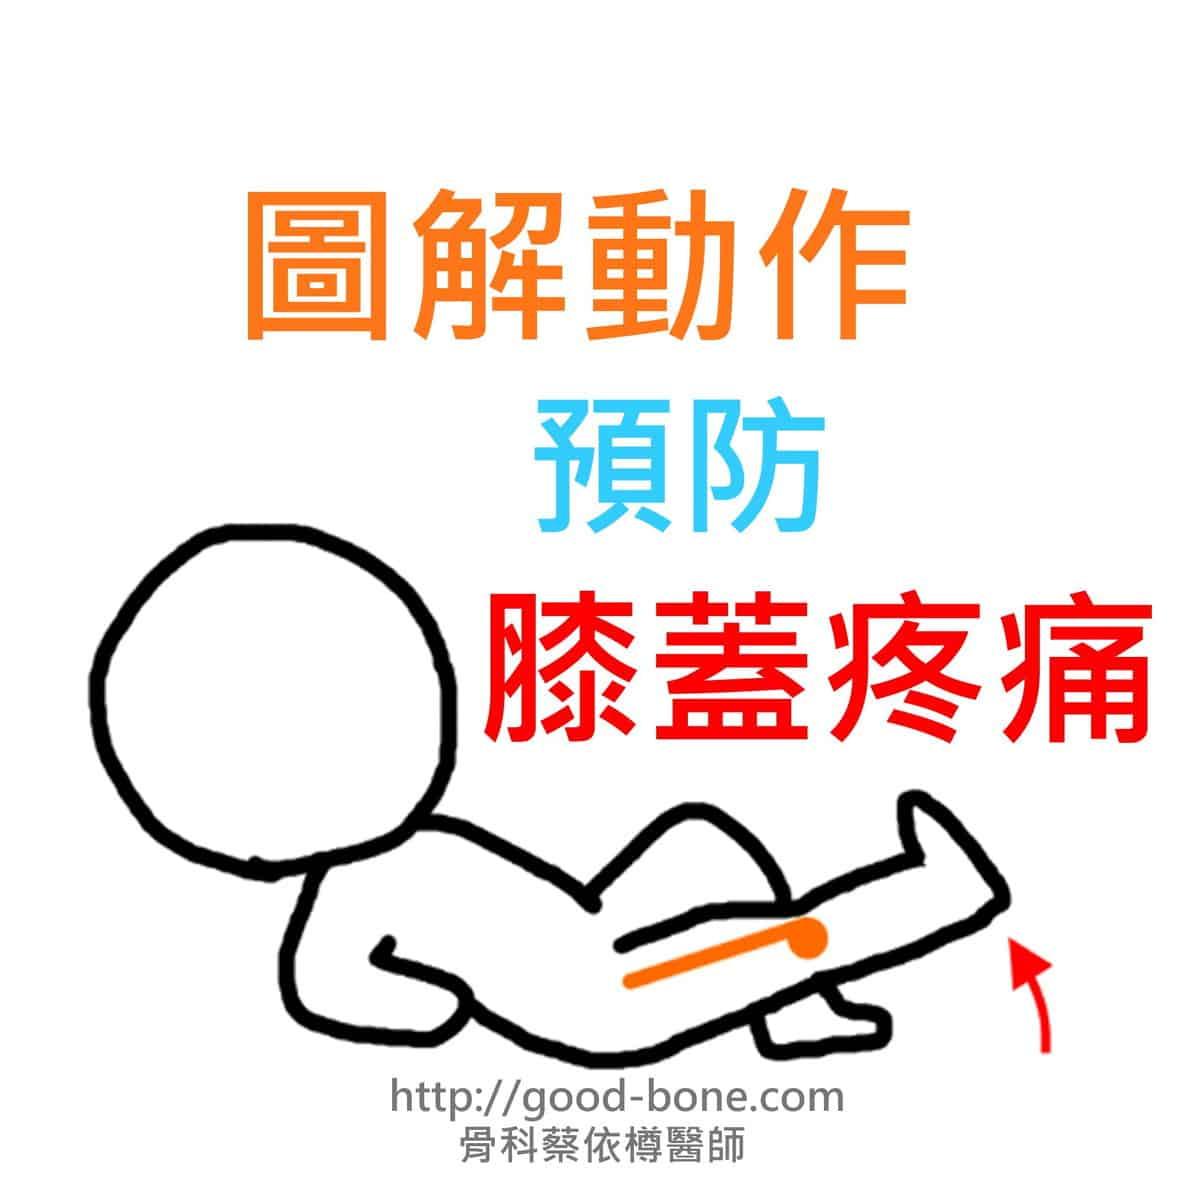 圖解動作預防膝蓋疼痛|台中骨科蔡依樽醫師https://good-bone.com